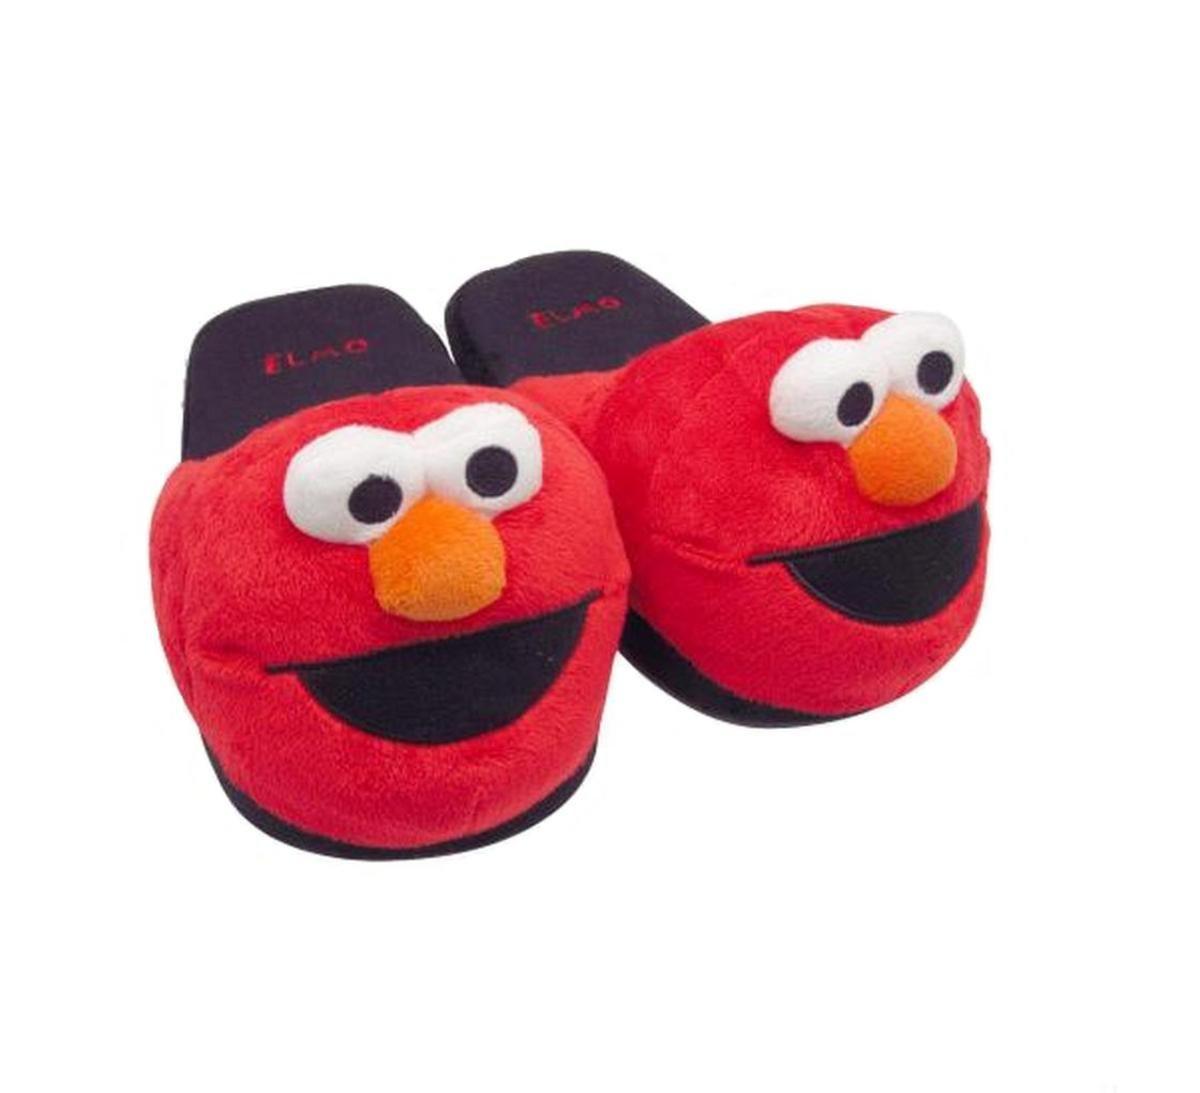 芝麻街 3D 毛絨拖鞋